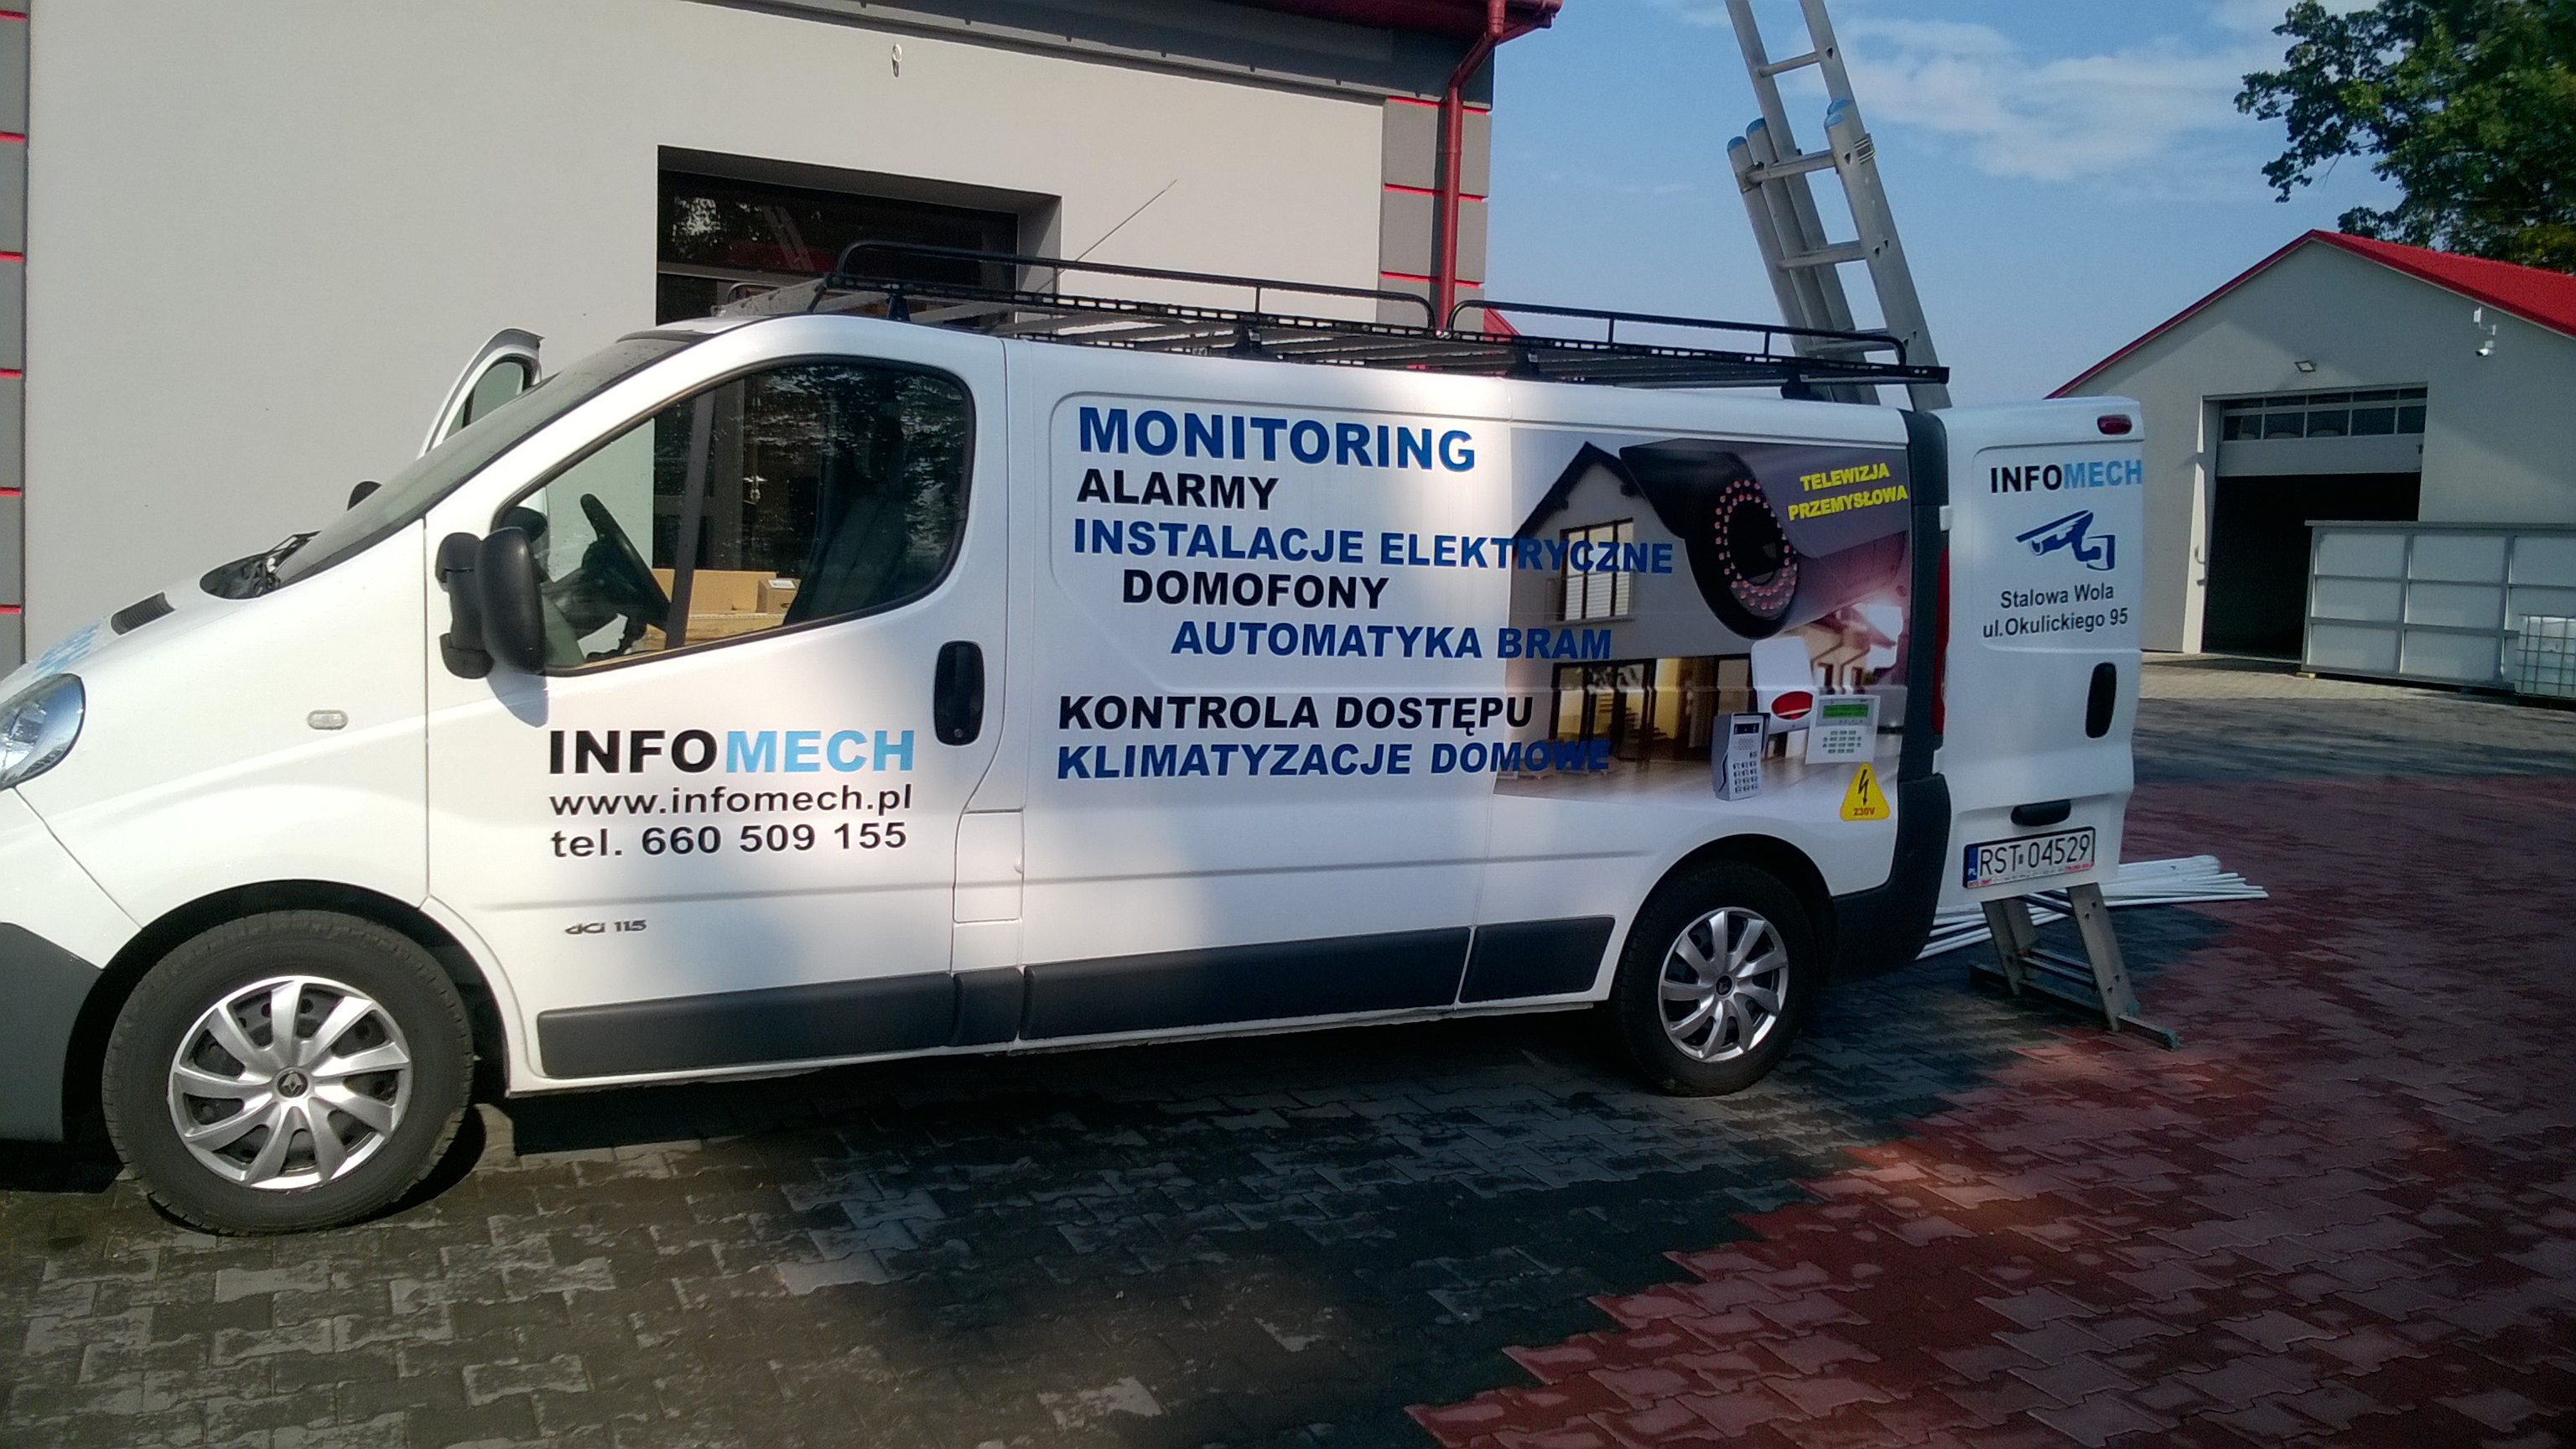 monitoring-bilgoraj-monitoring-zamosc-monitoring-krasnik-monitoring-janow-lubelski-monitoring-gospodarstwa-rolnego-monitoring-chelm-monitoring-lezajsk-9-infomech-monitoring-wizyjny-systemy-zabezpiec